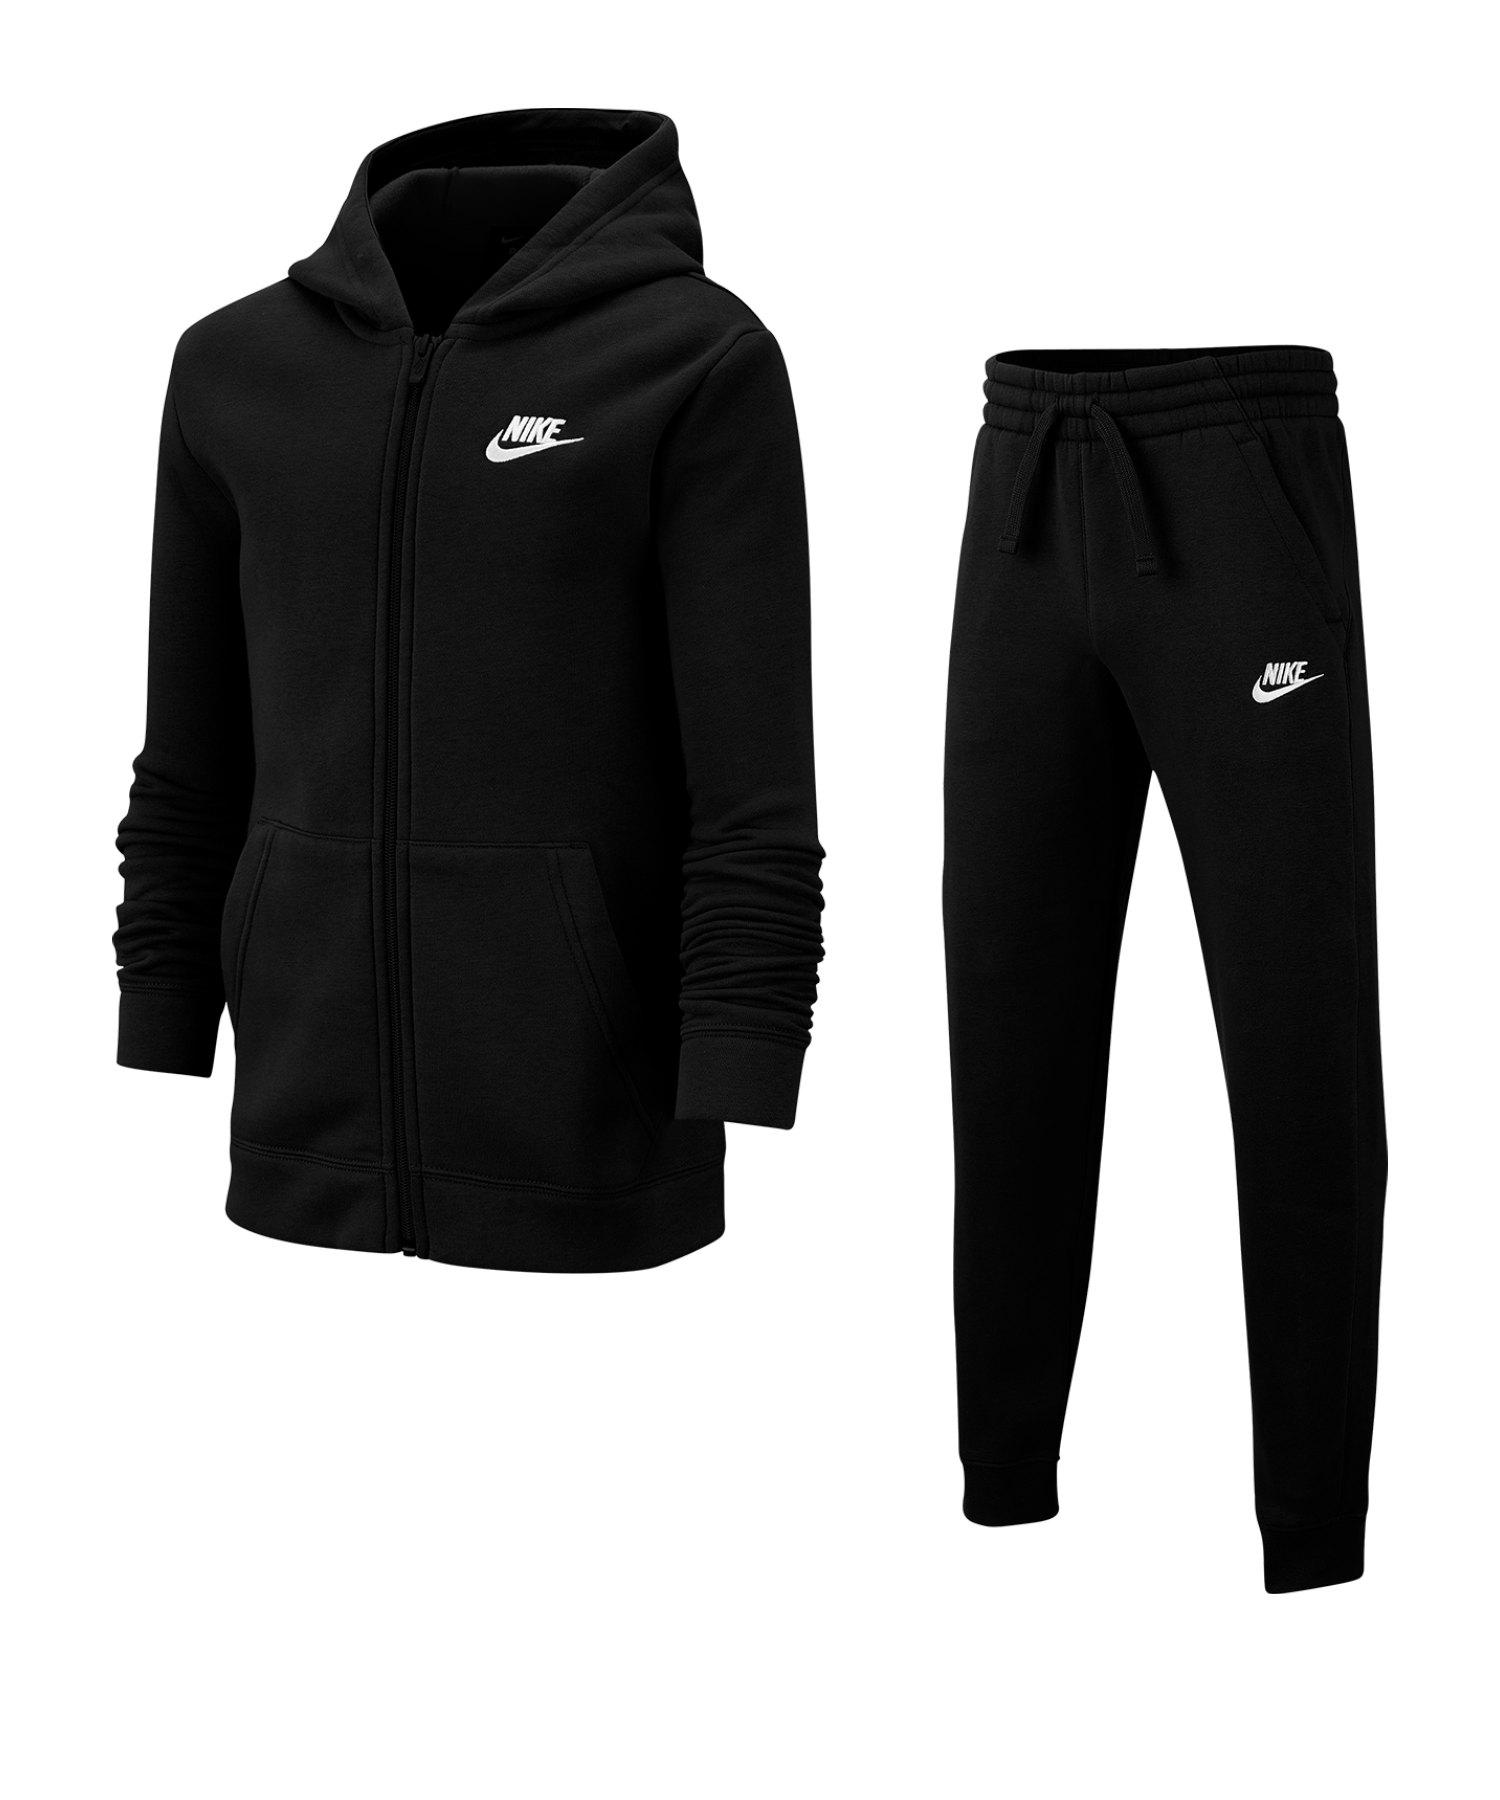 Nike Freizeitanzug Kids Schwarz F010 - schwarz